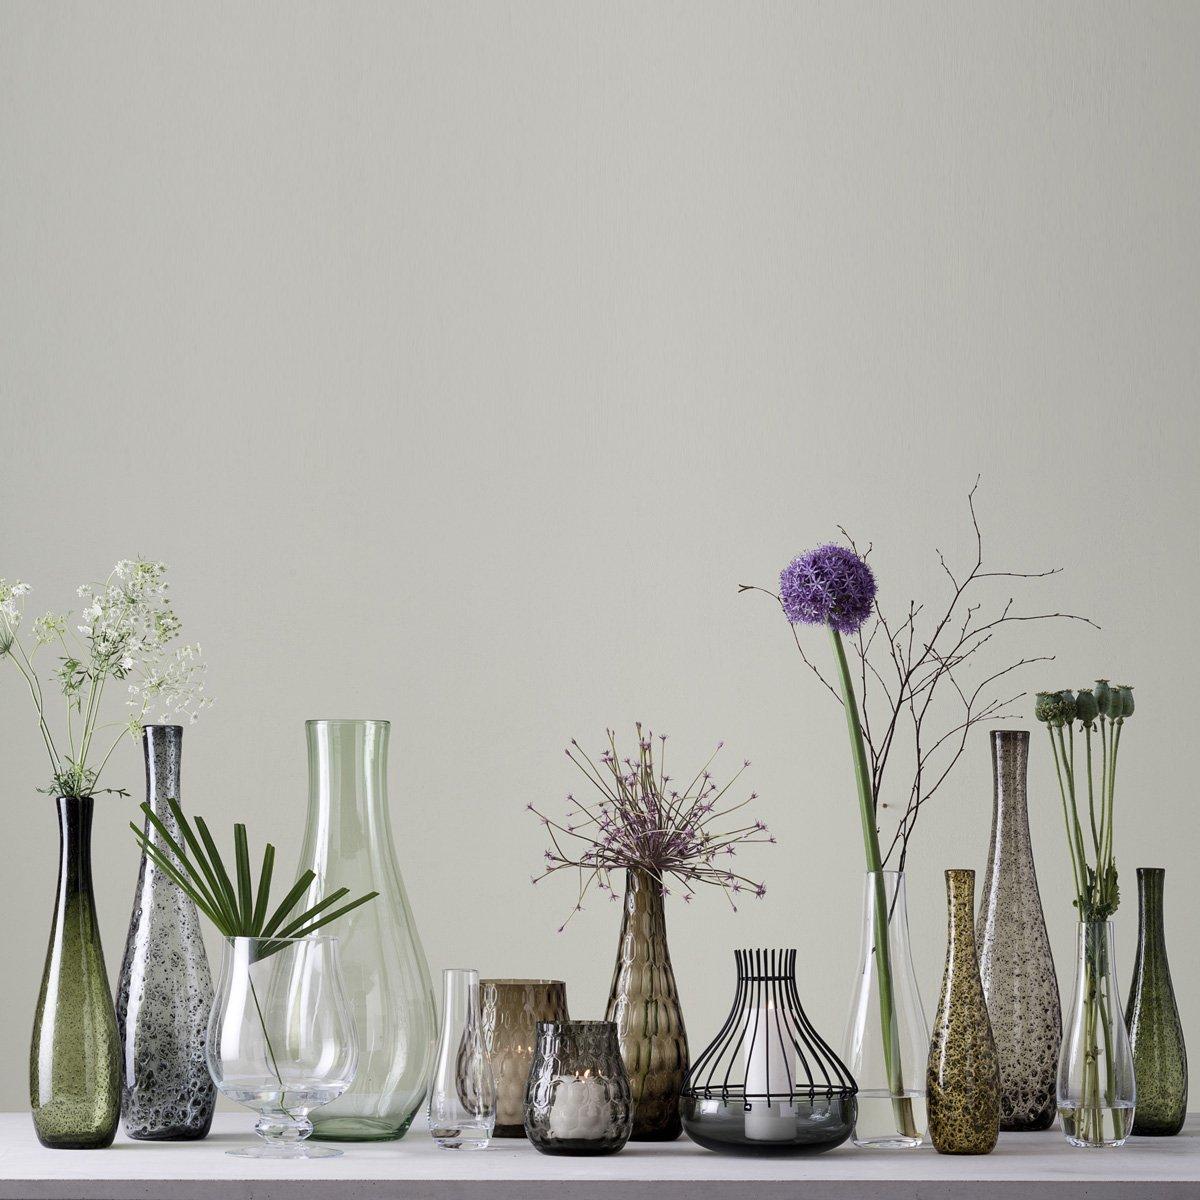 Leonardo Leonardo Leonardo GIARDINO Vase Pulver 60 cm braun, Glas, braun 15.5 x 15.5 x 60 cm B01LZTO1XP Vasen ba4856